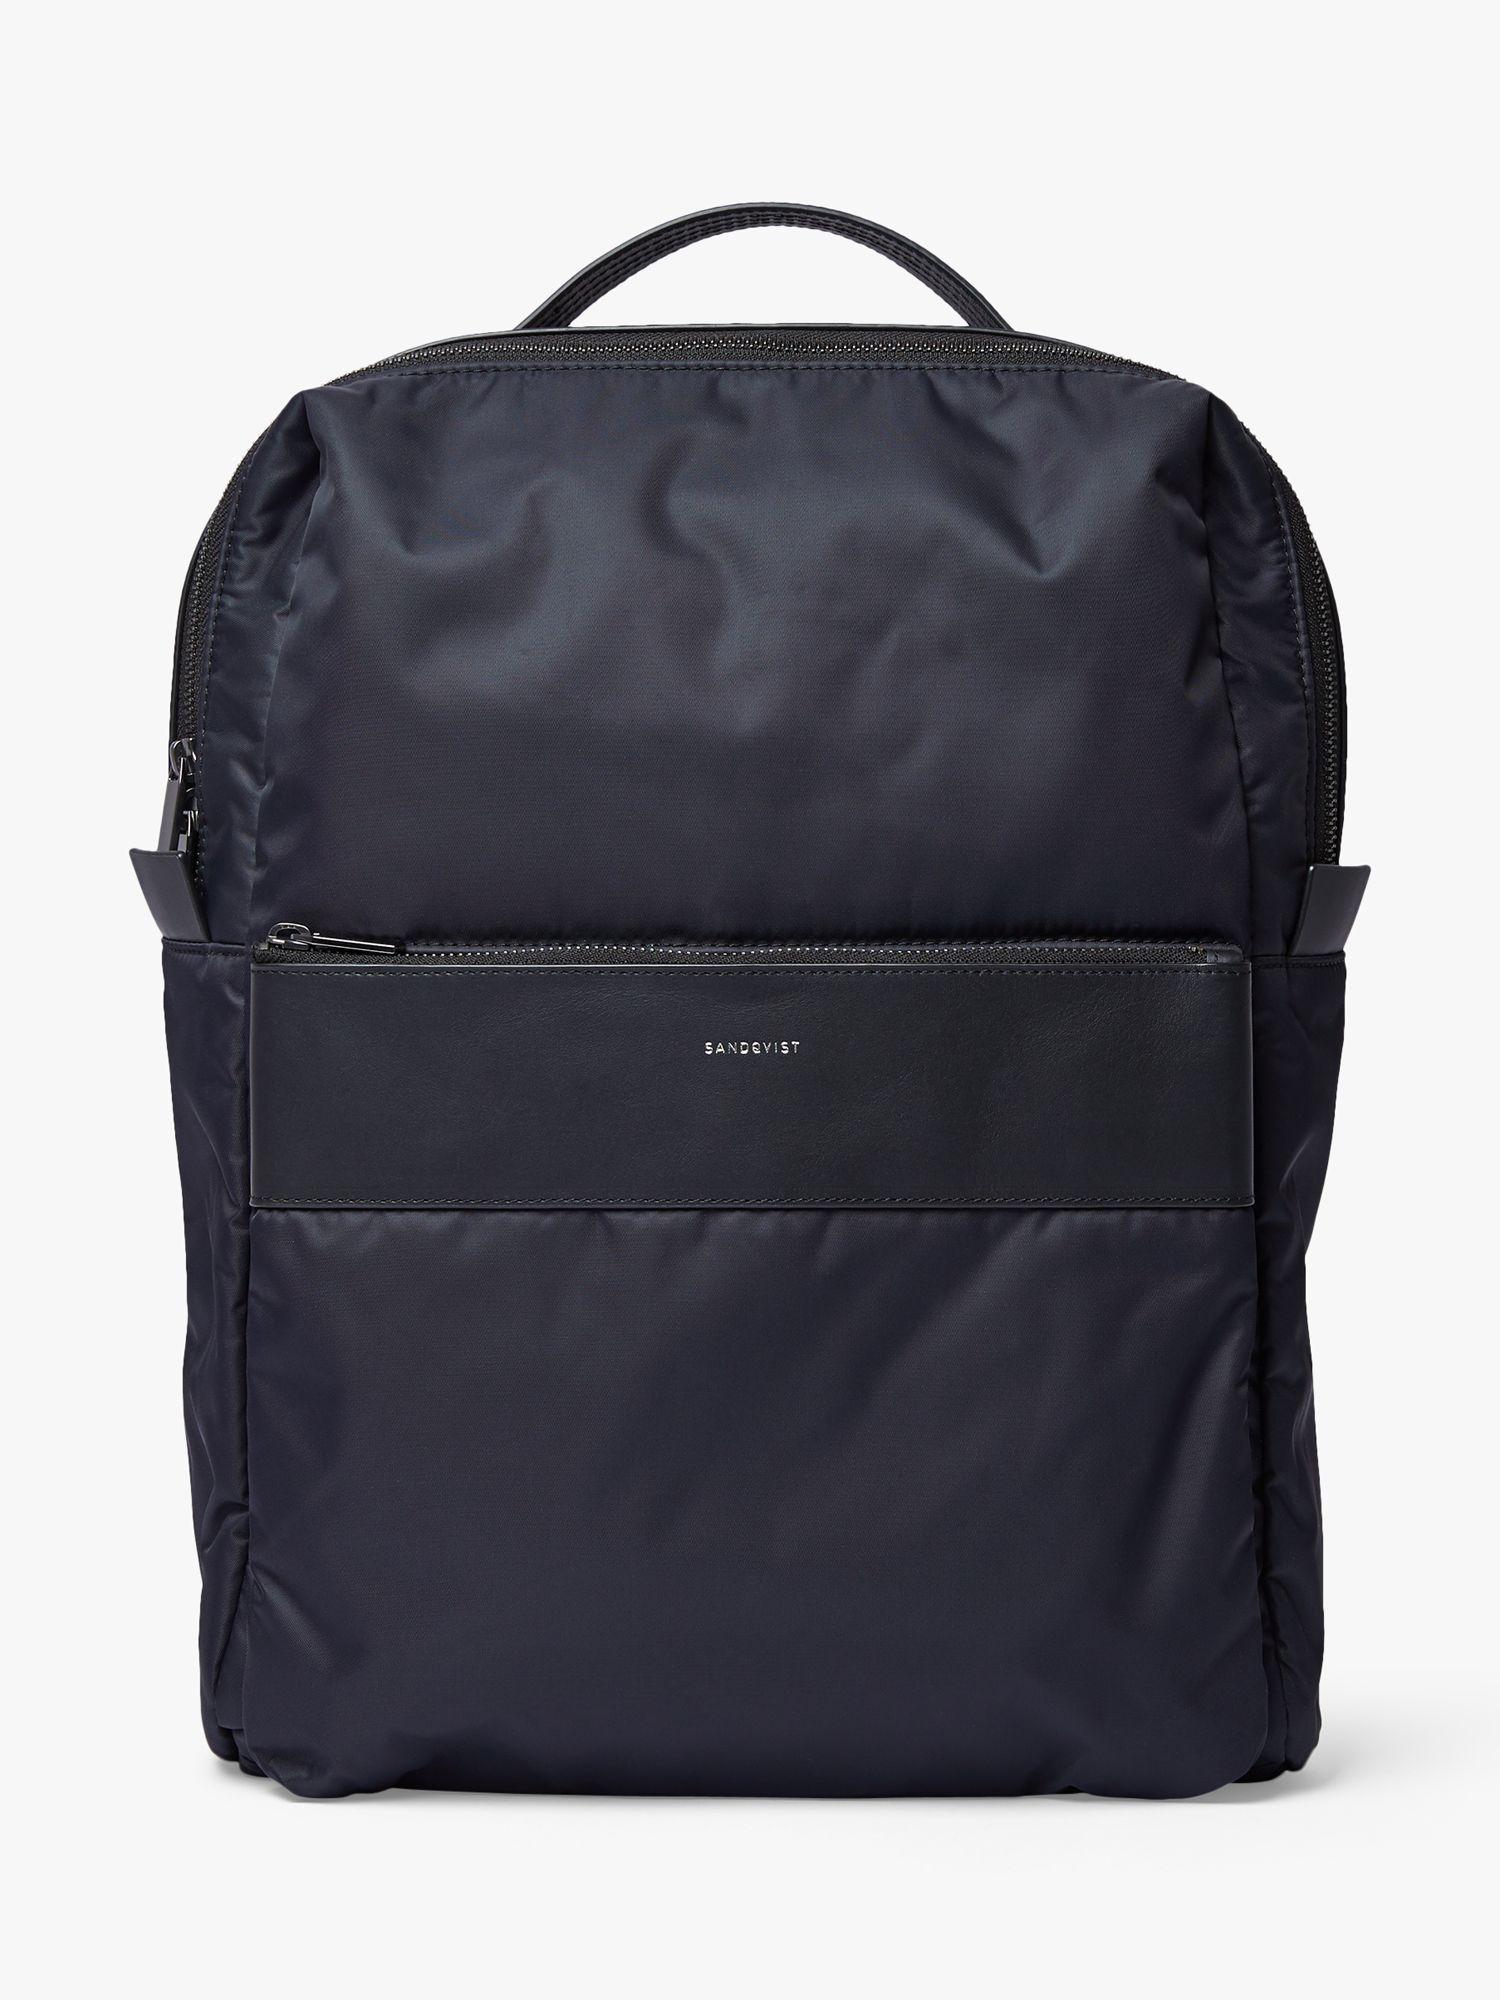 Sandqvist Sandqvist Valdemar Recycled Nylon Backpack, Black